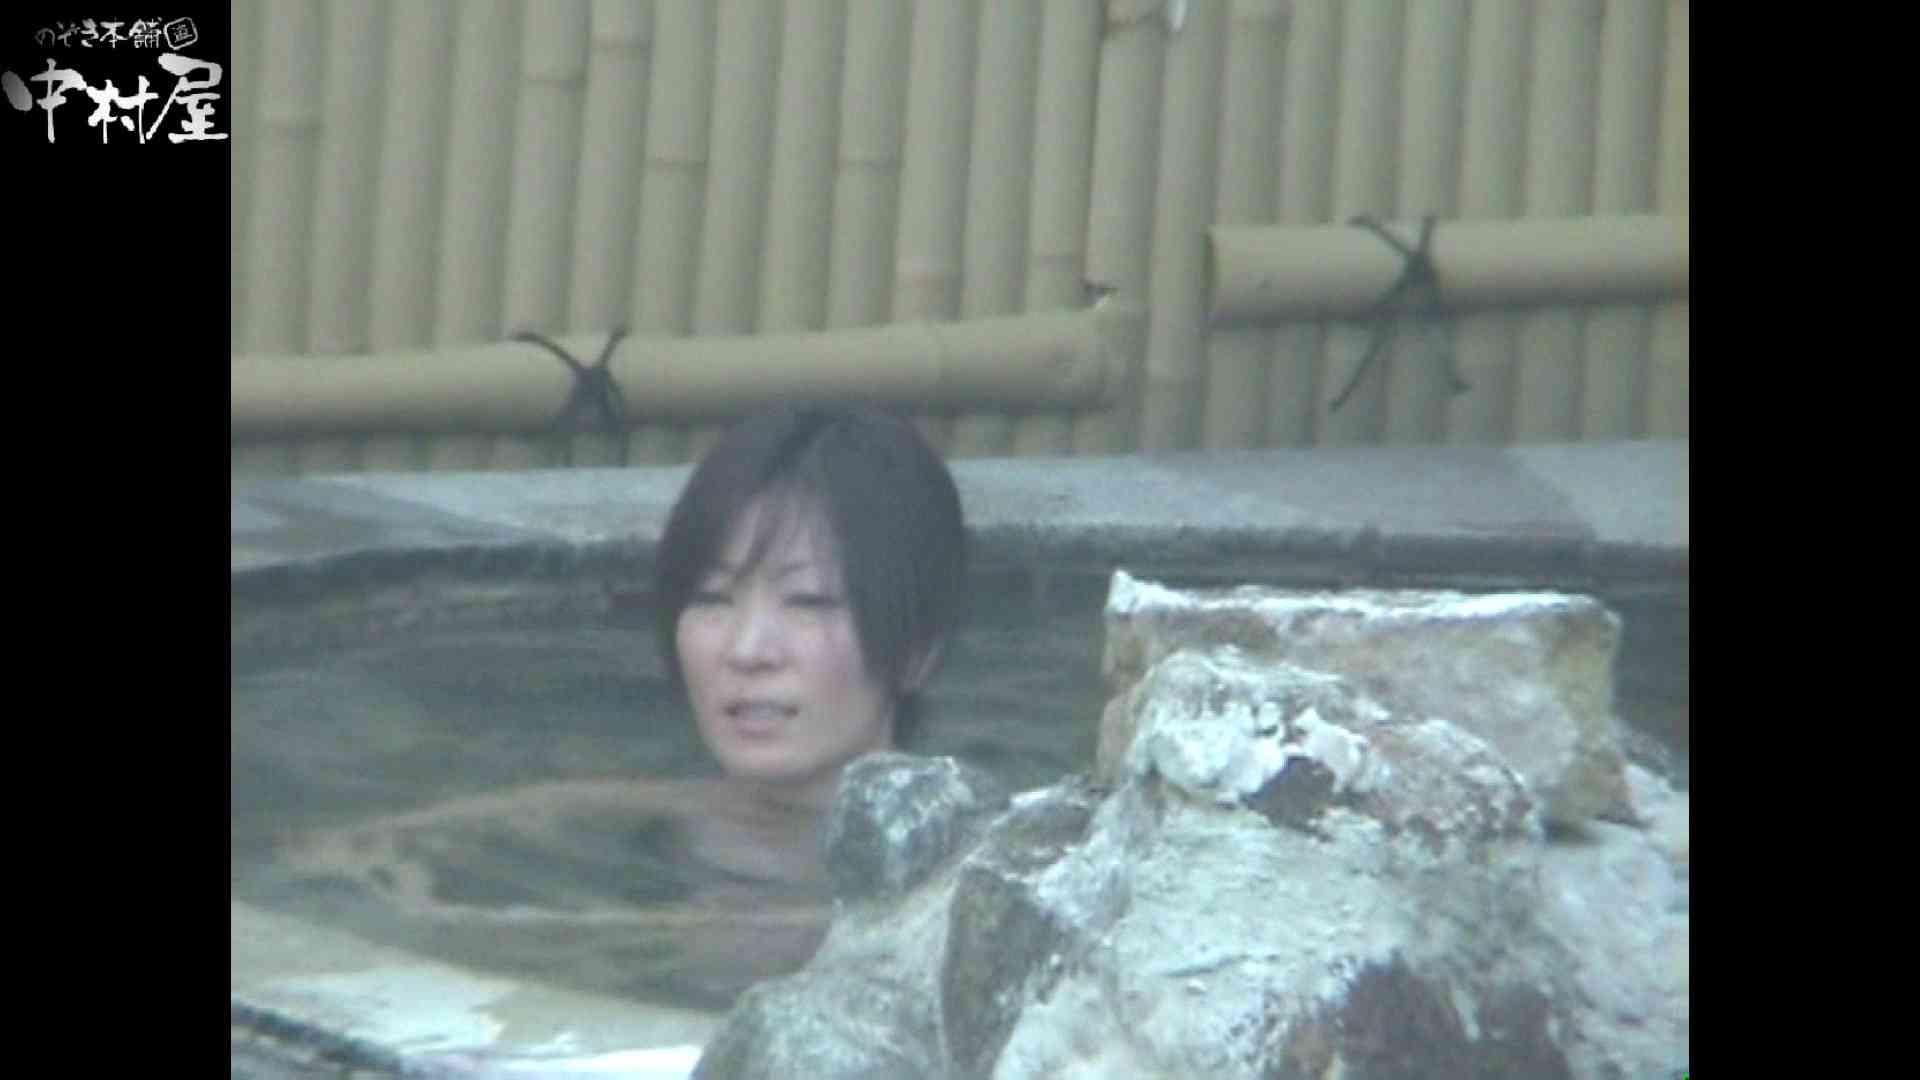 Aquaな露天風呂Vol.972 露天風呂 | 盗撮動画  9枚 3